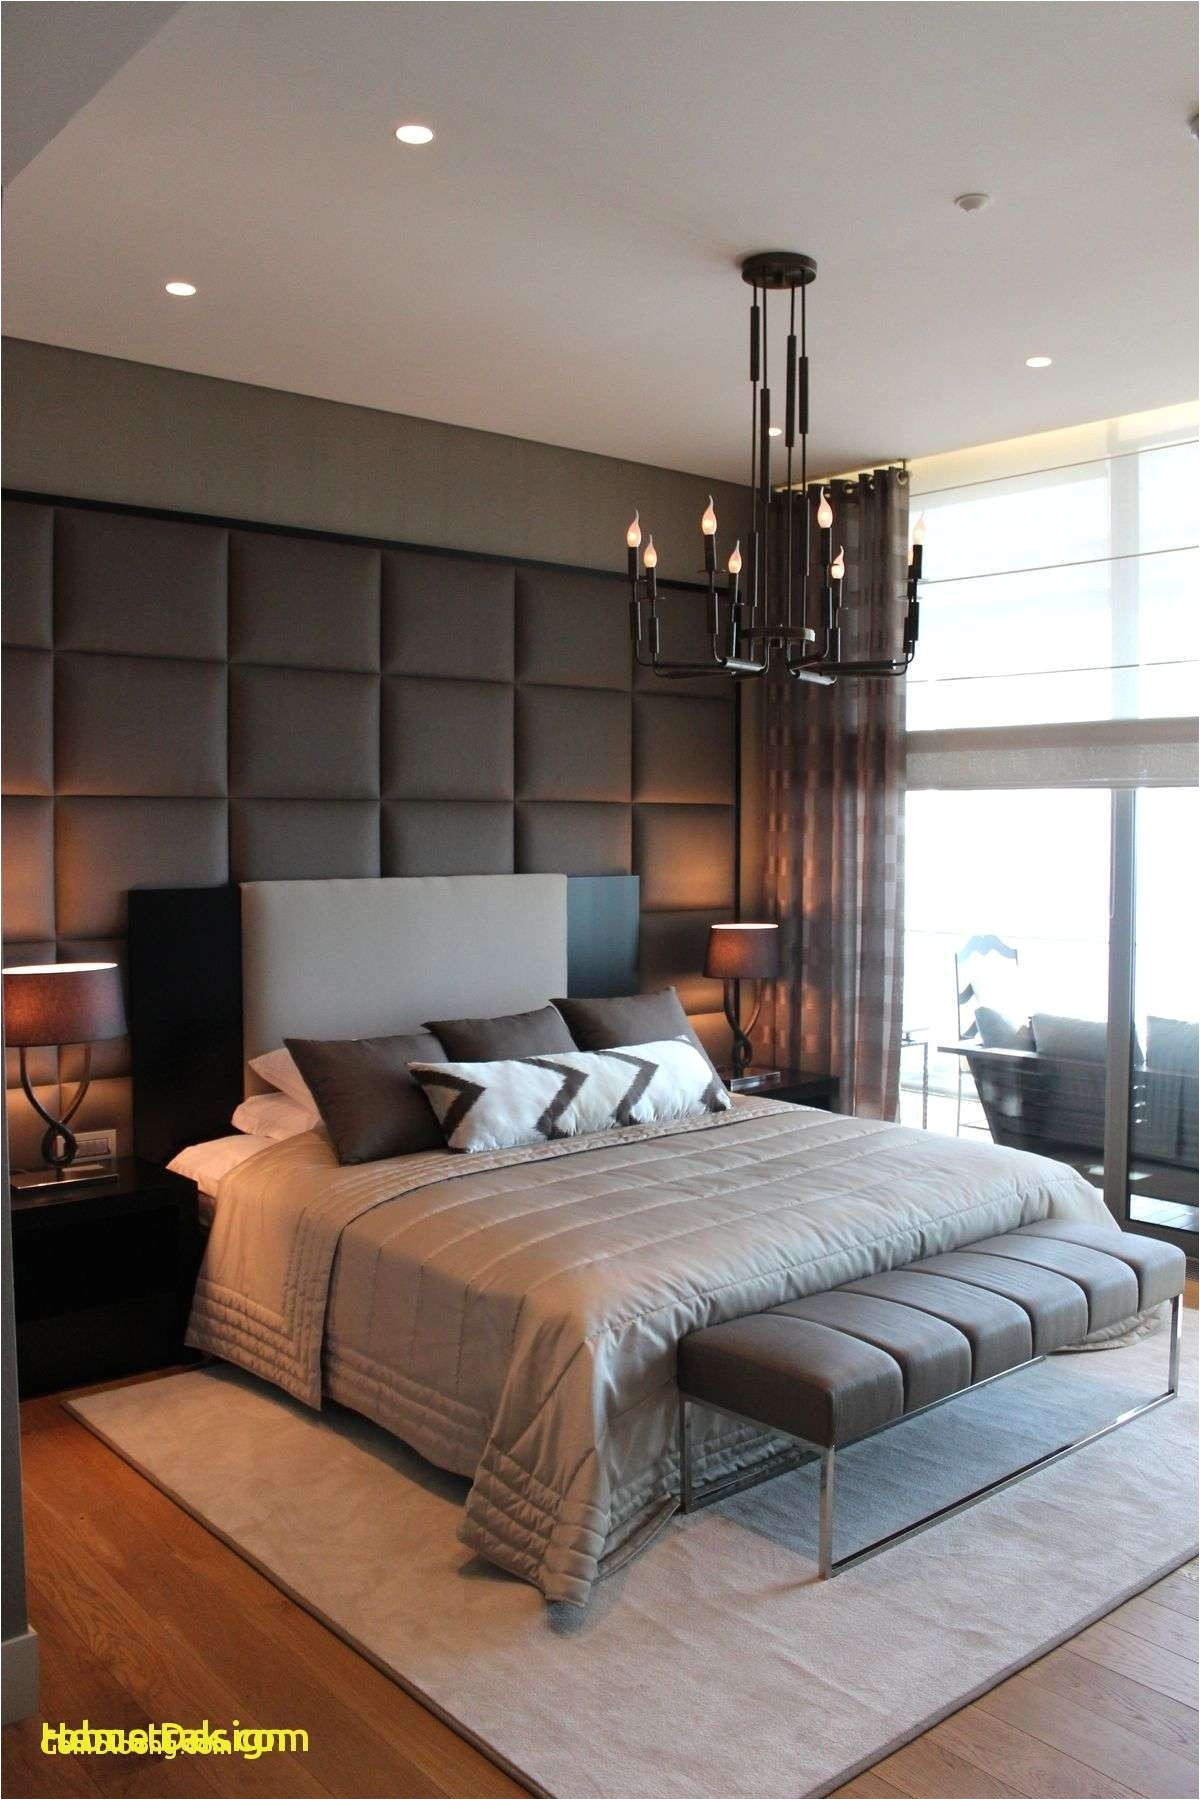 Interior Design Master Bedroom Interior Design Ideas Master Bedroom